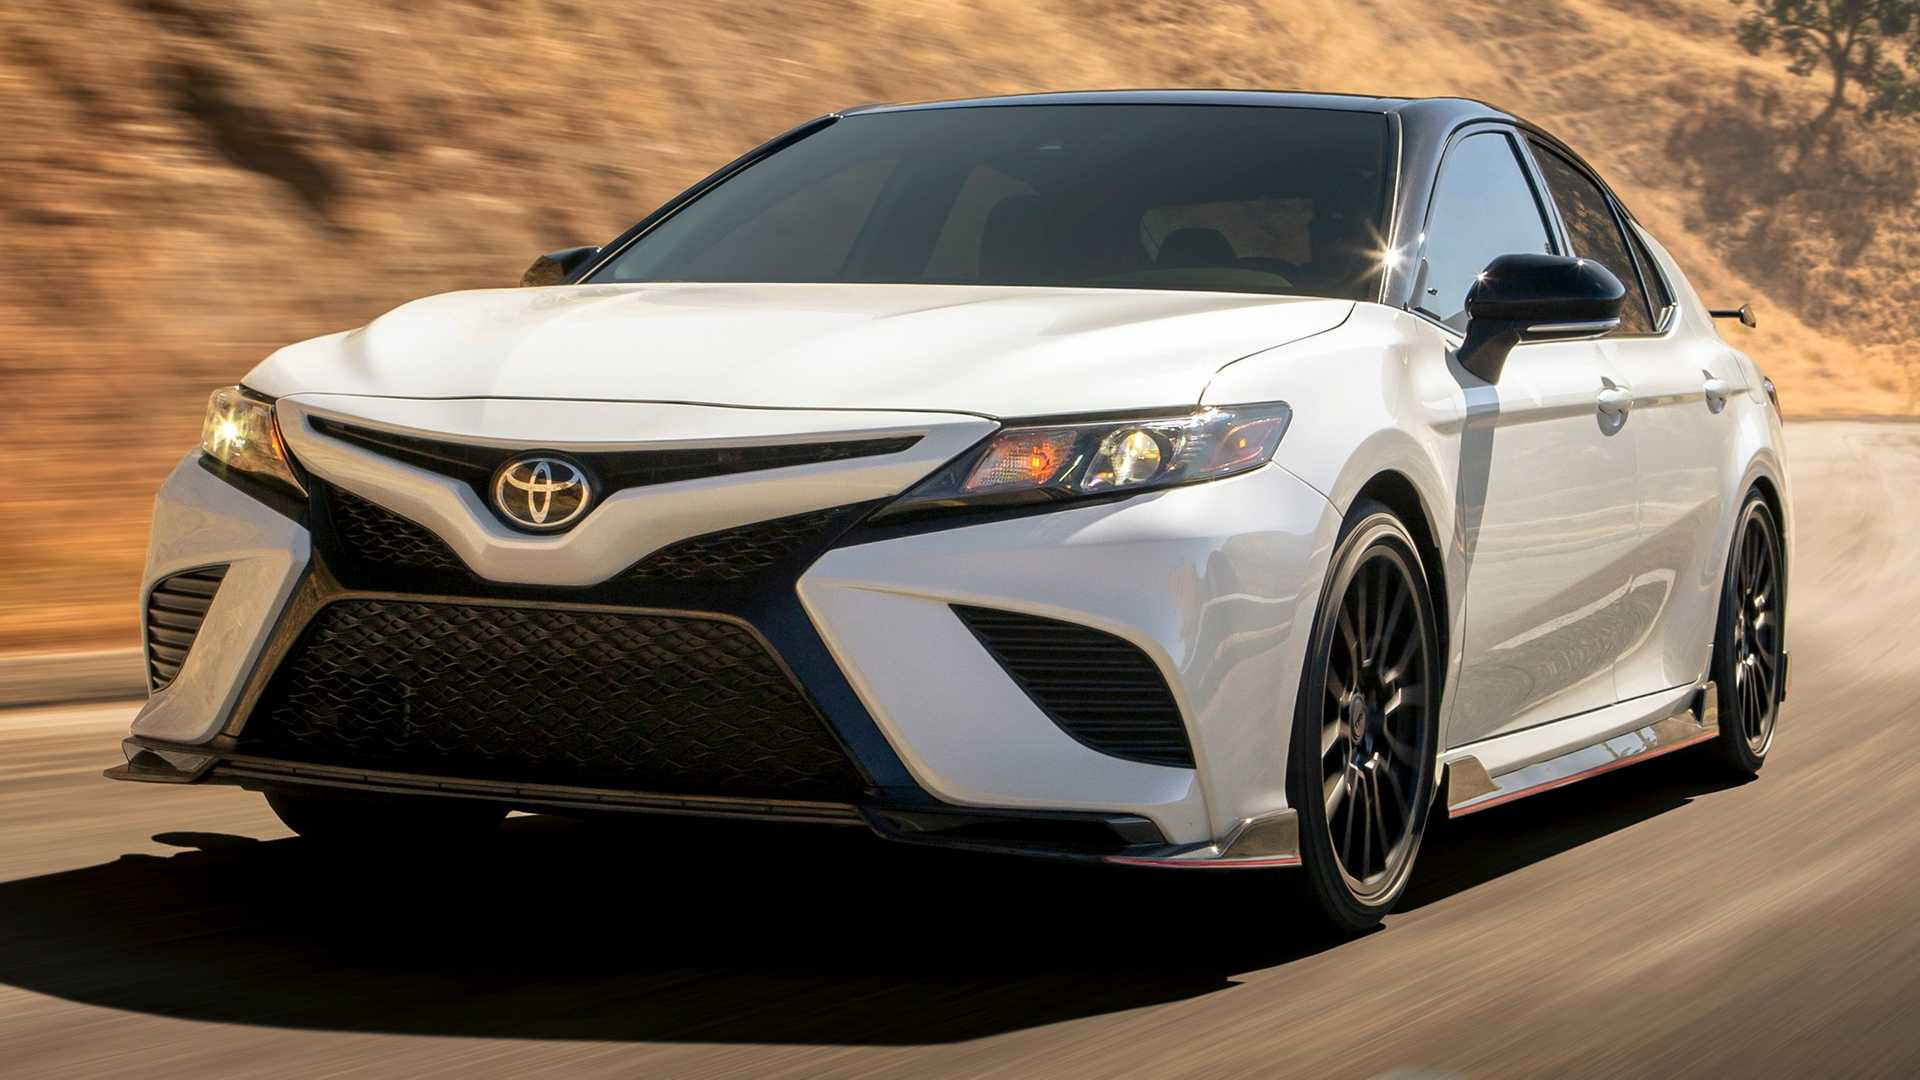 ГБР приобретет полсотни автомобилей Toyota Camry 1